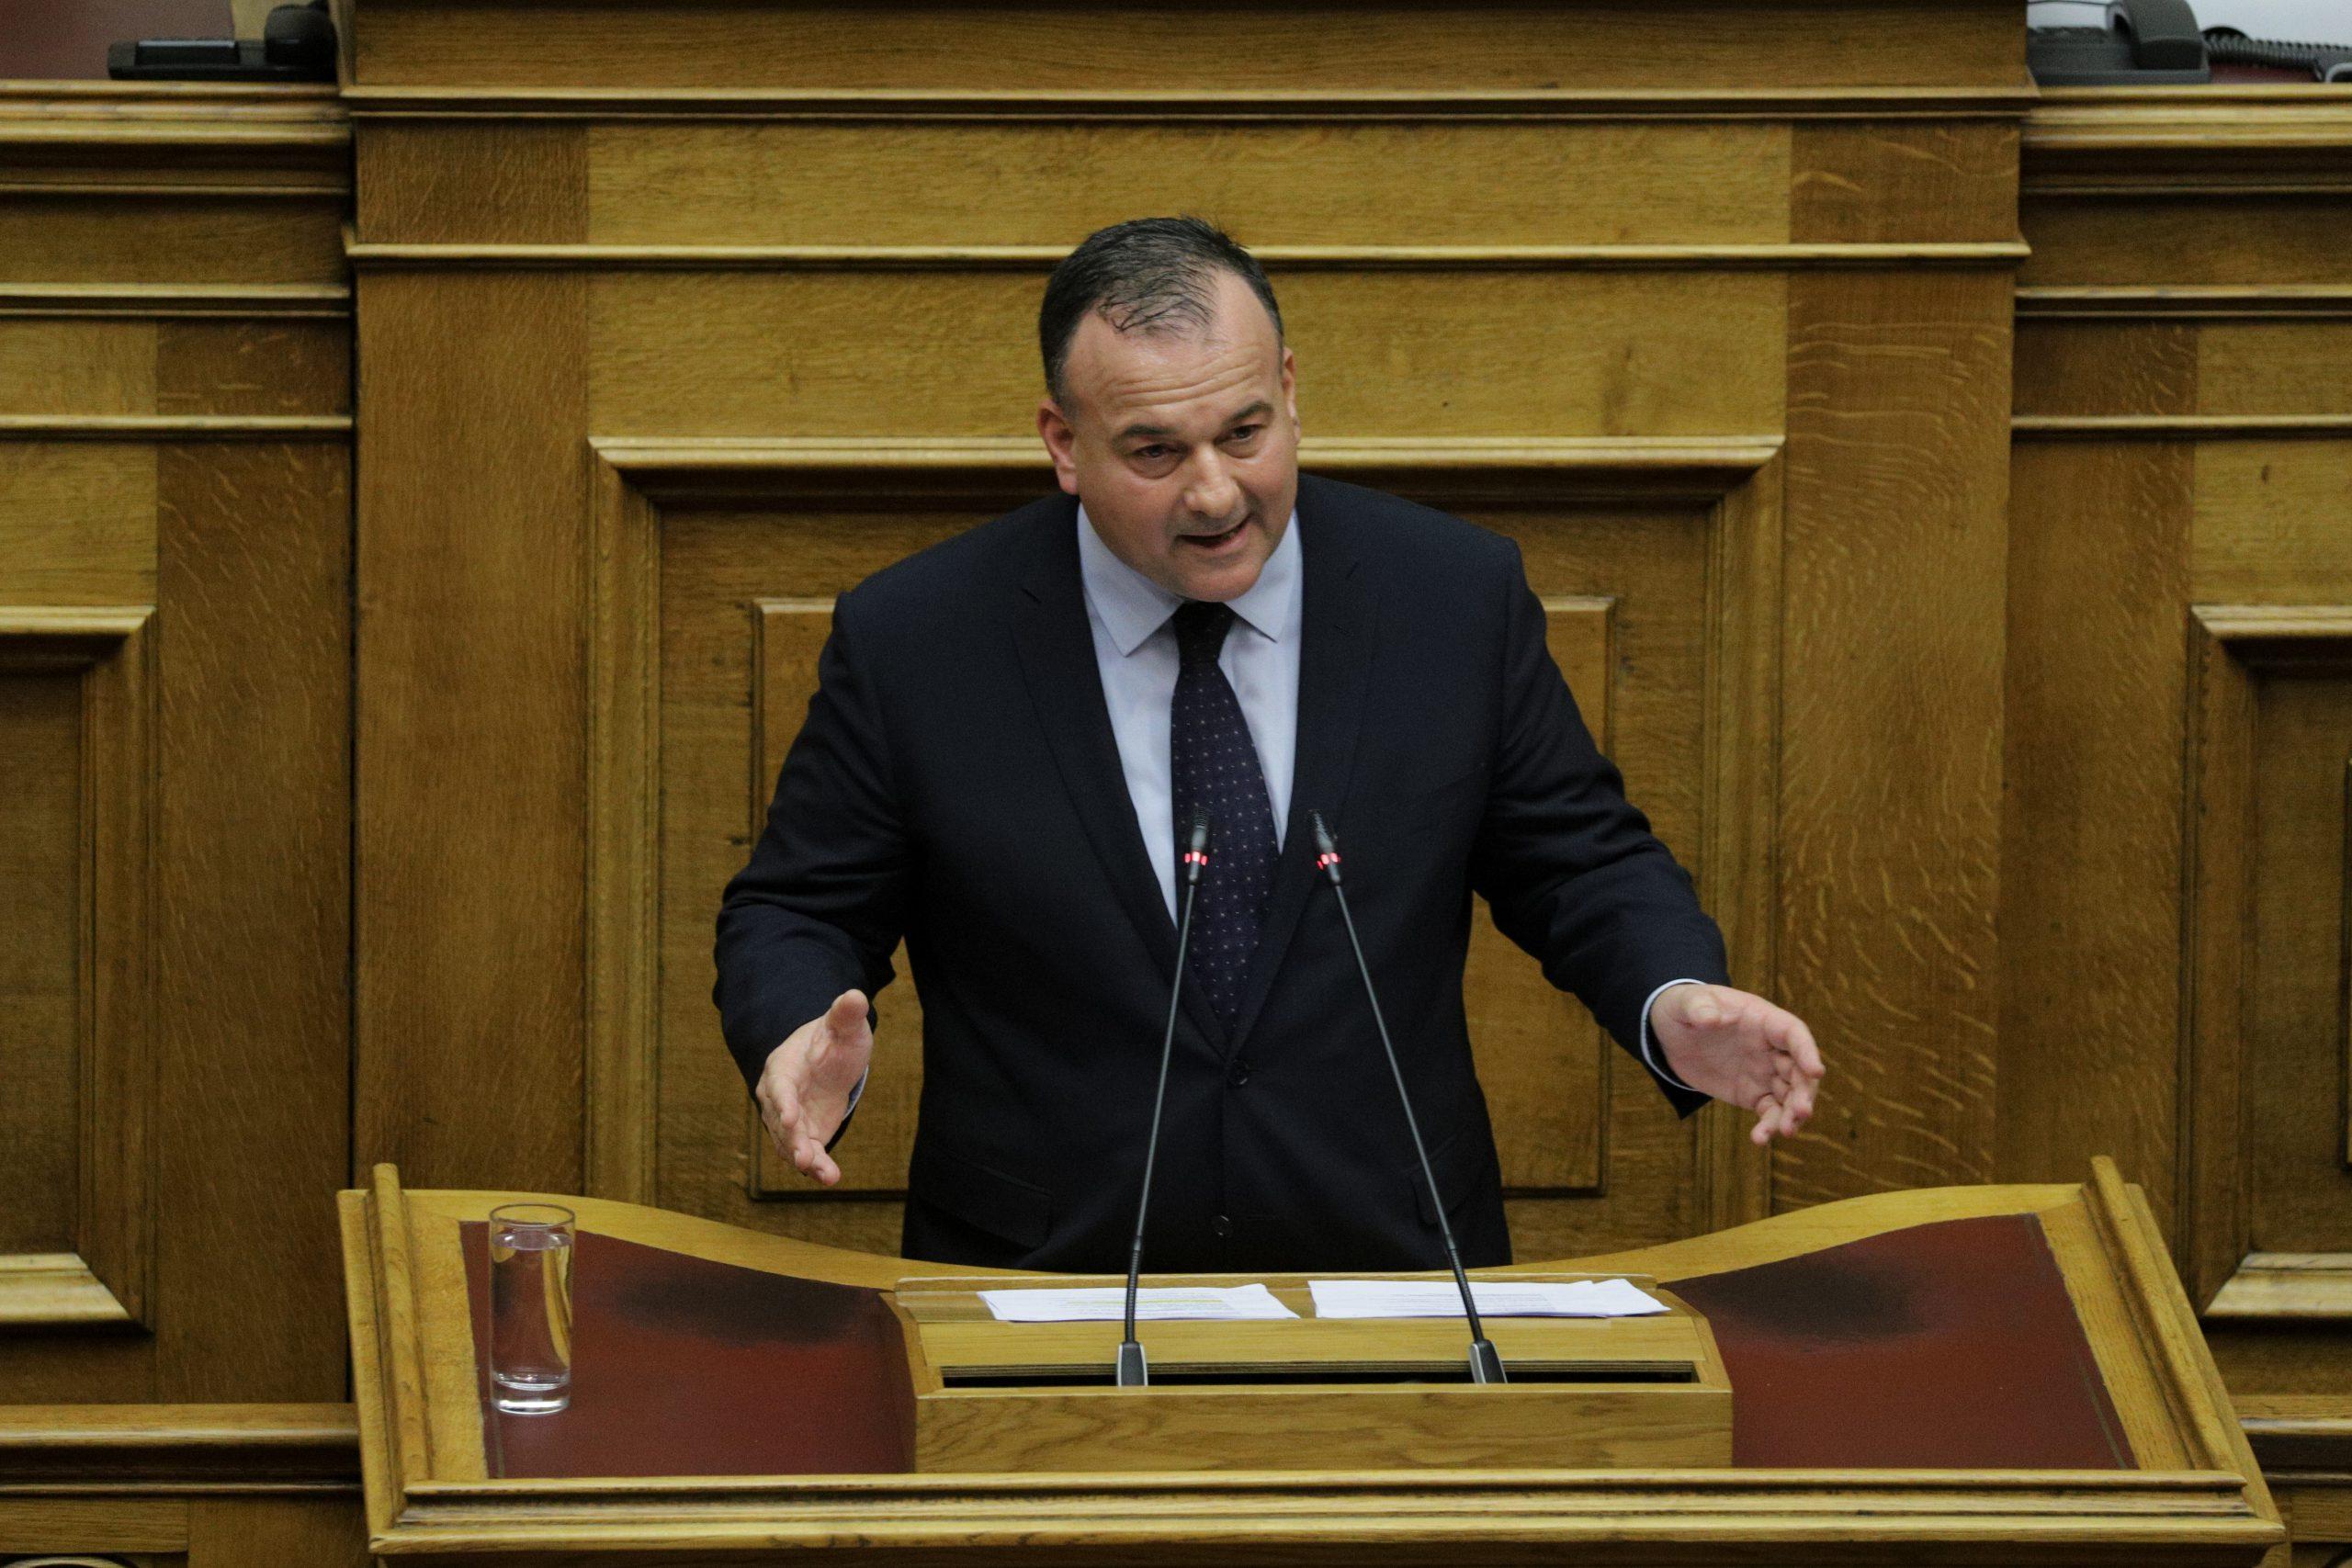 Ιωάννης Παππάς: Παρατείνεται το μέτρο του μειωμένου ΦΠΑ για τα νησιά του Αιγαίου που θεωρούνται πύλες εισόδου παράνομων μεταναστών.